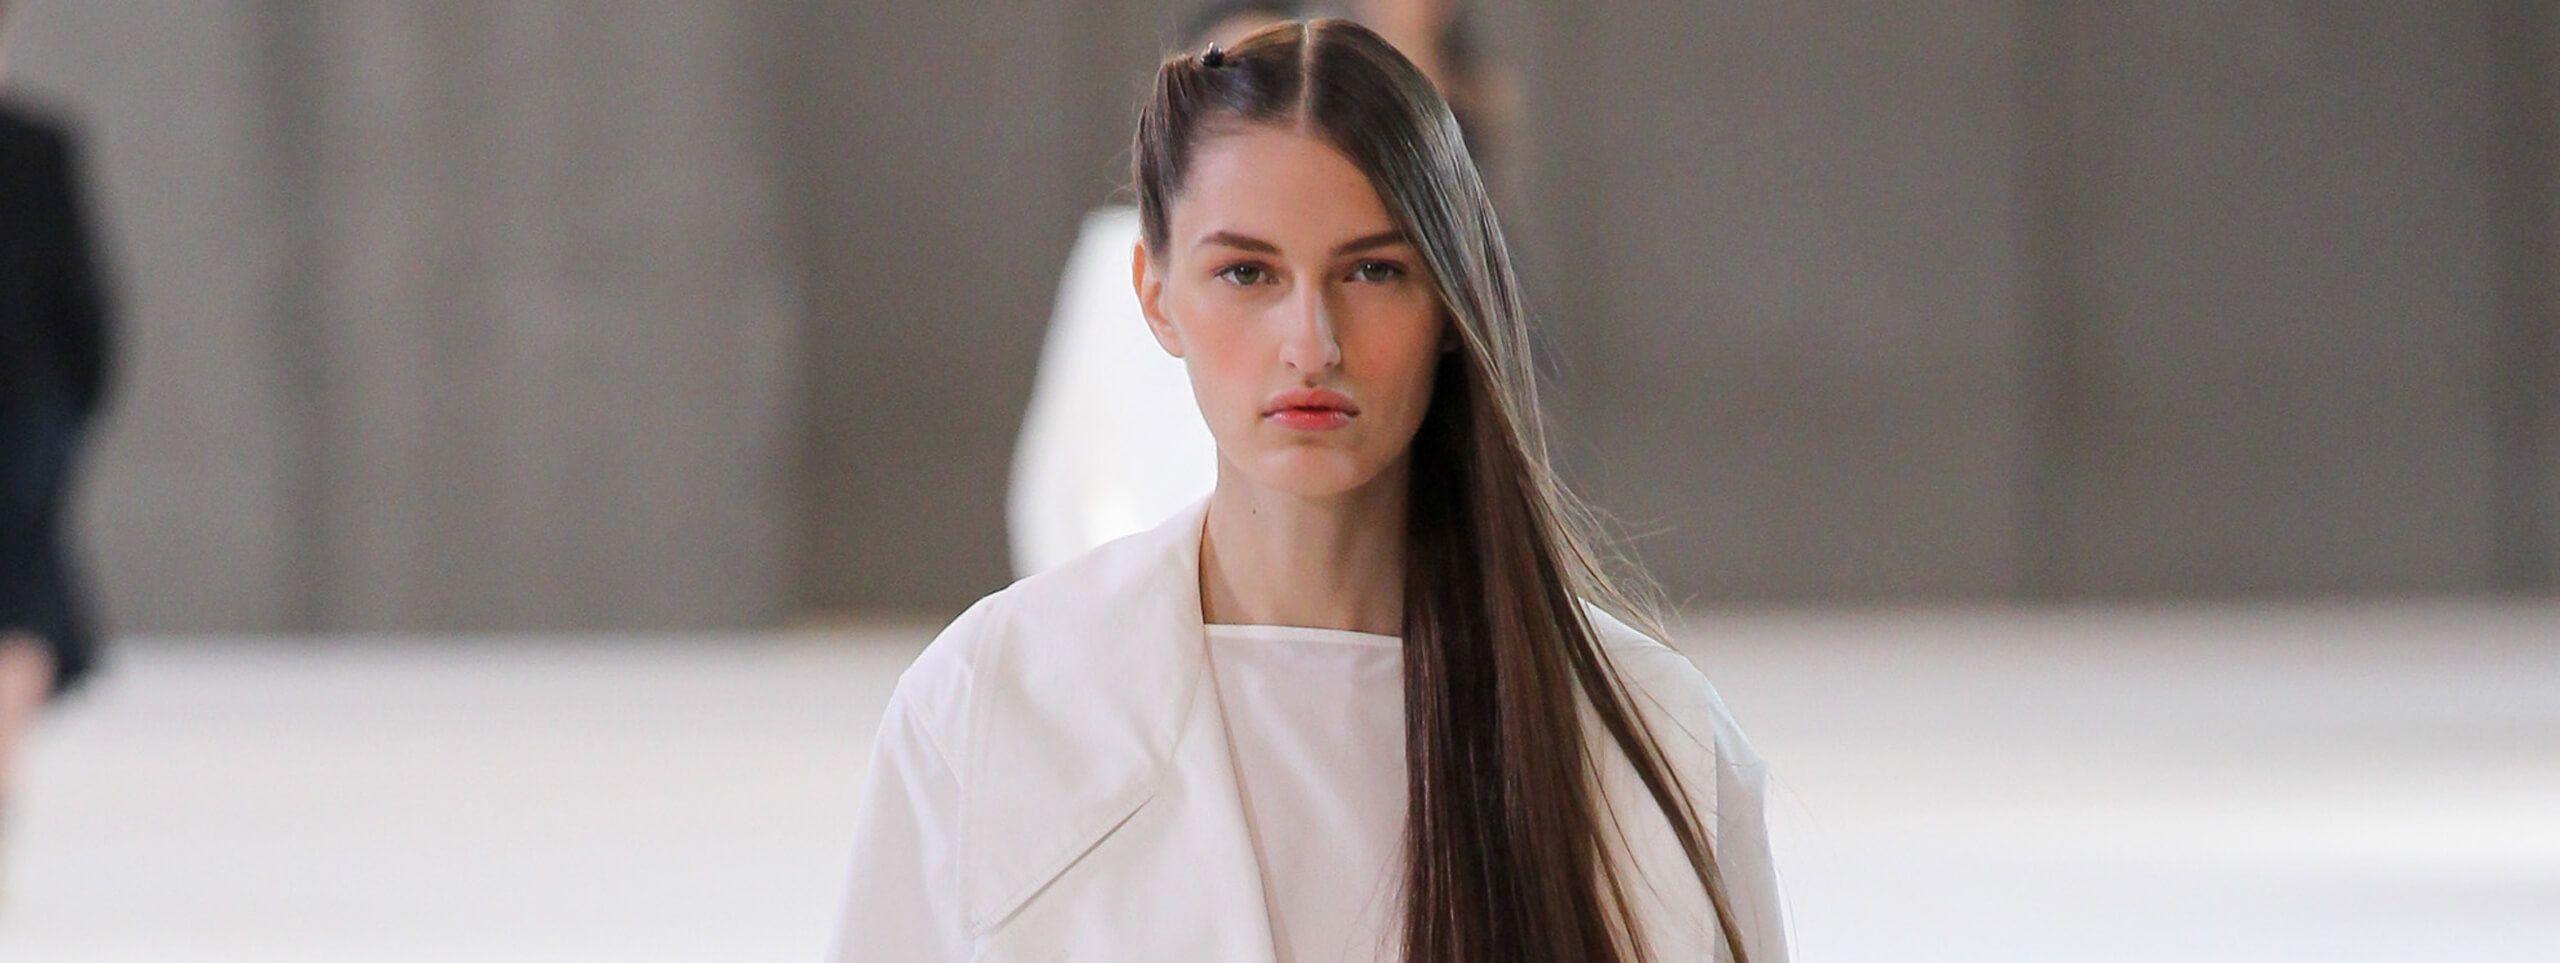 Modelka na wybiegu z gładka fryzurą